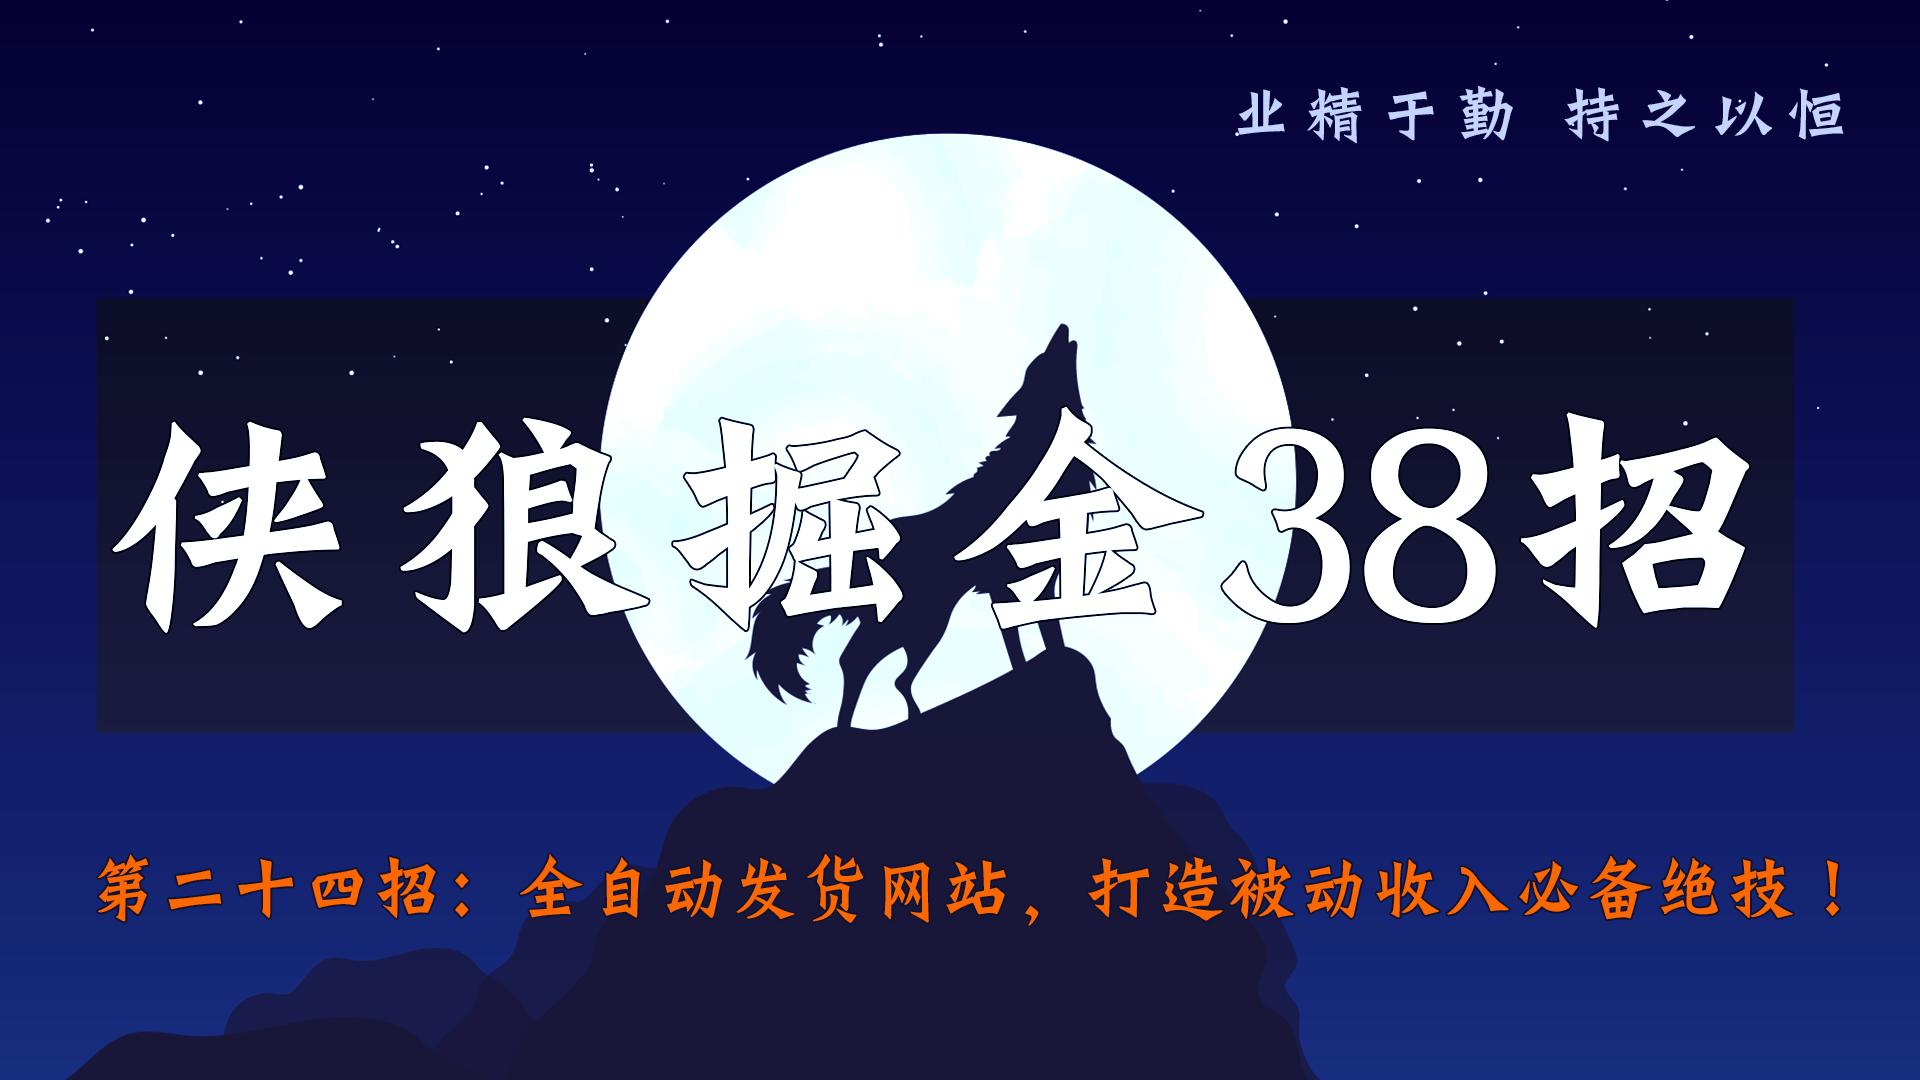 侠狼掘金38招第24招全自动发货网站,打造被动收入必备绝技!